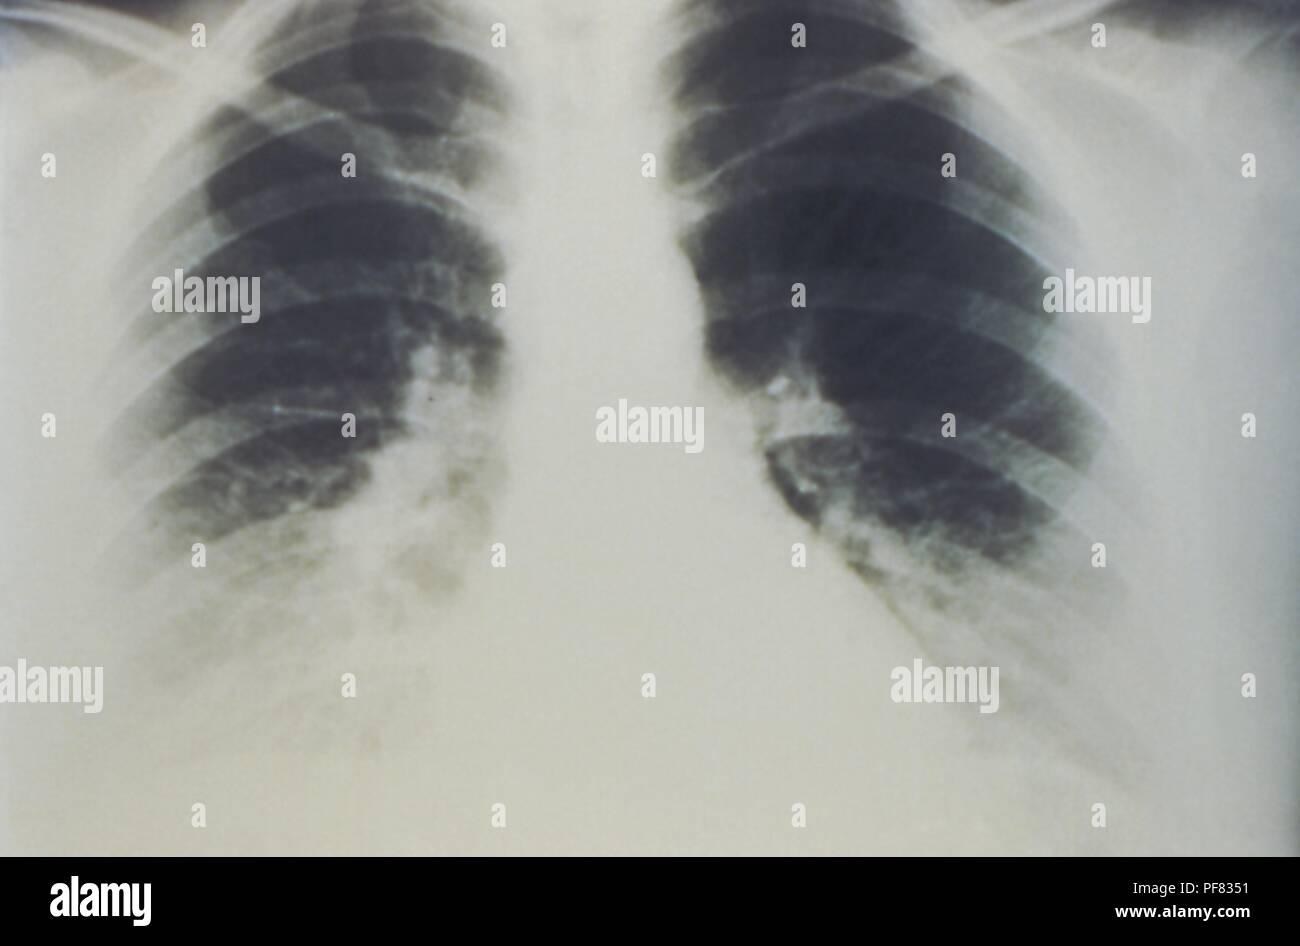 Hantavirus Pulmonary Syndrome Stock Photos & Hantavirus Pulmonary ...